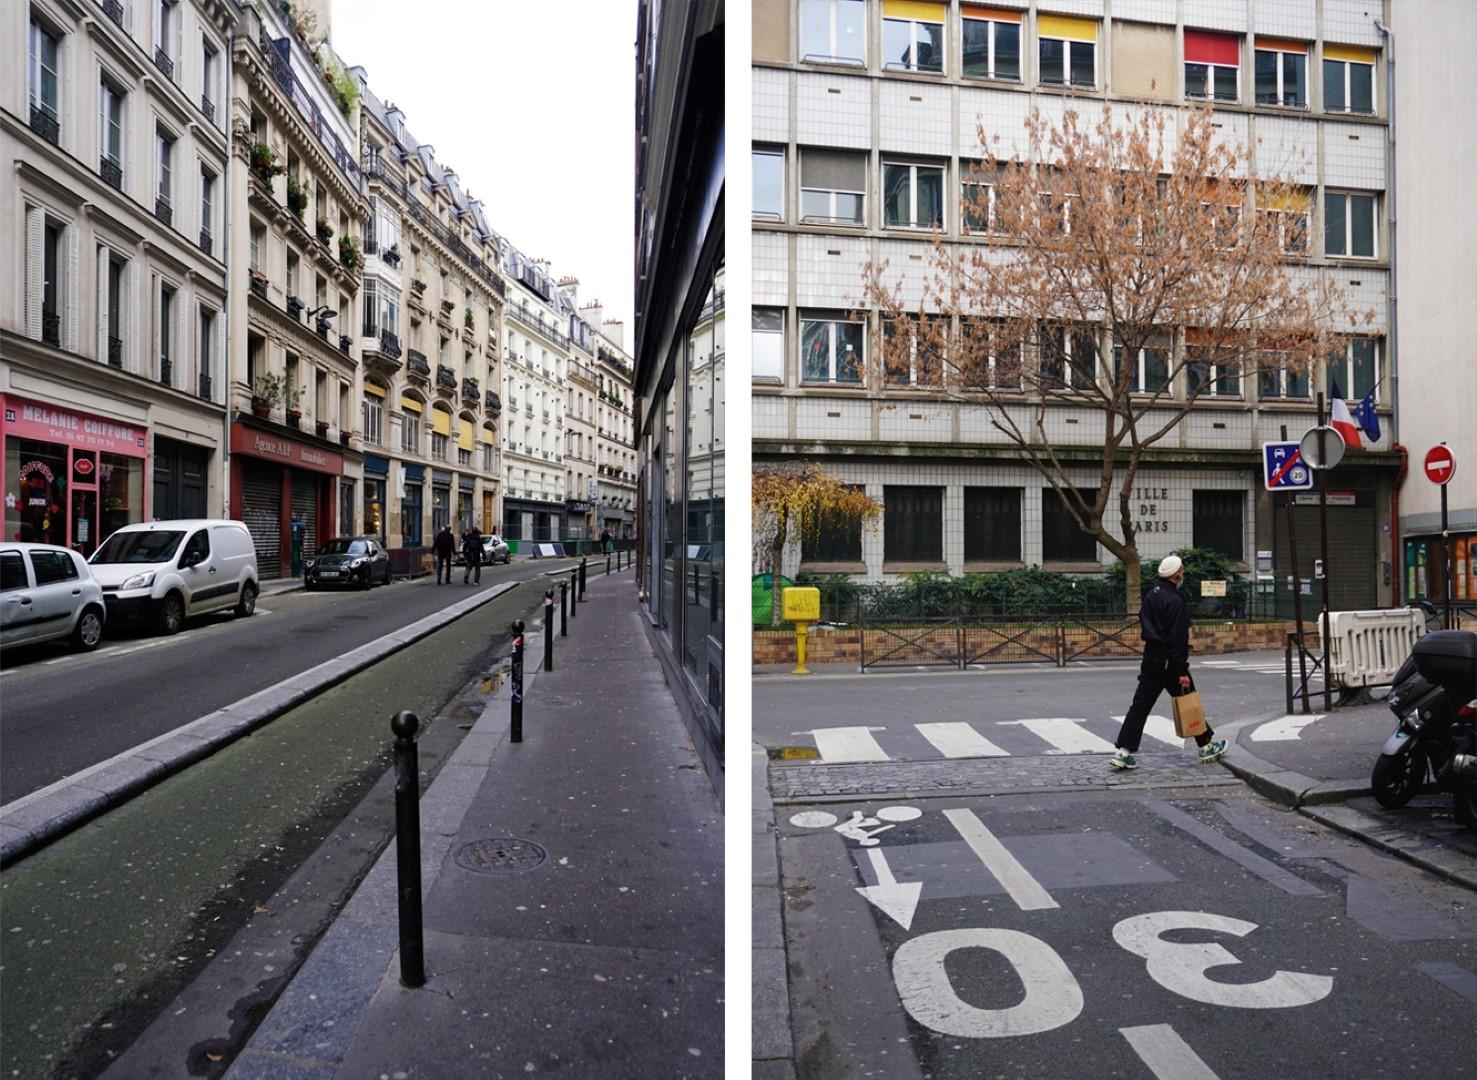 Rue Martel - Balade dans les 9e et 10e arrondissements de Paris - De place de la République à Pigalle